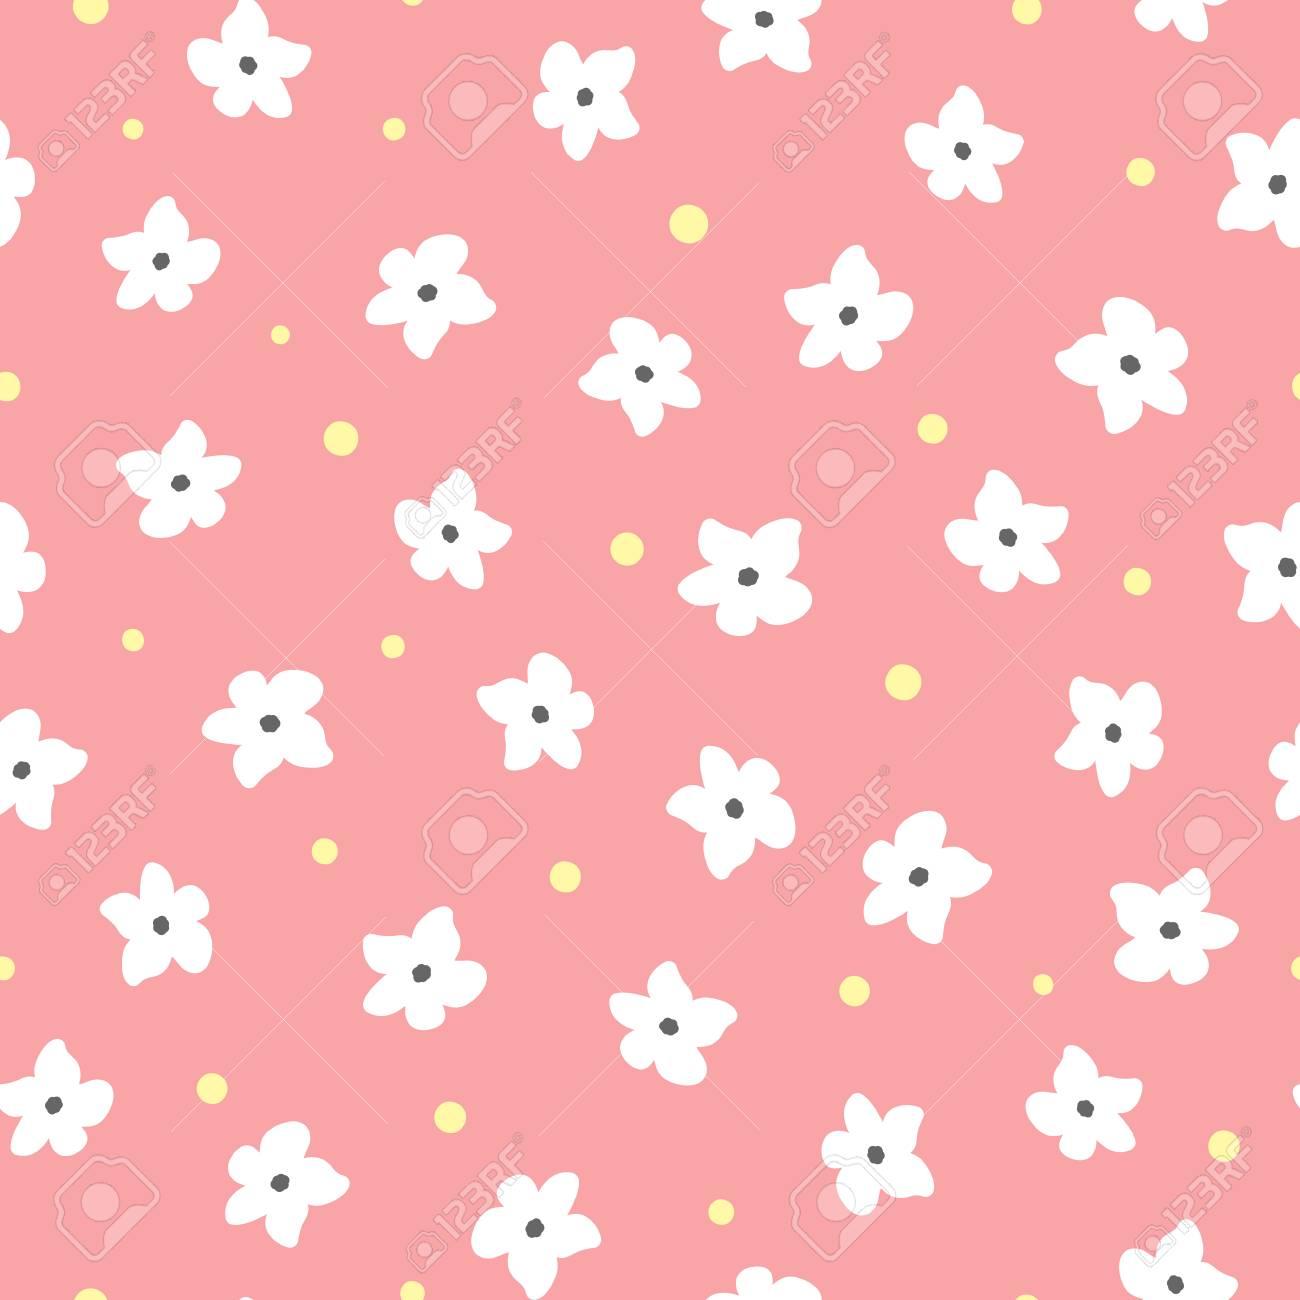 Flores Blancas Y Puntos Amarillos Sobre Fondo Rosa Patron Floral